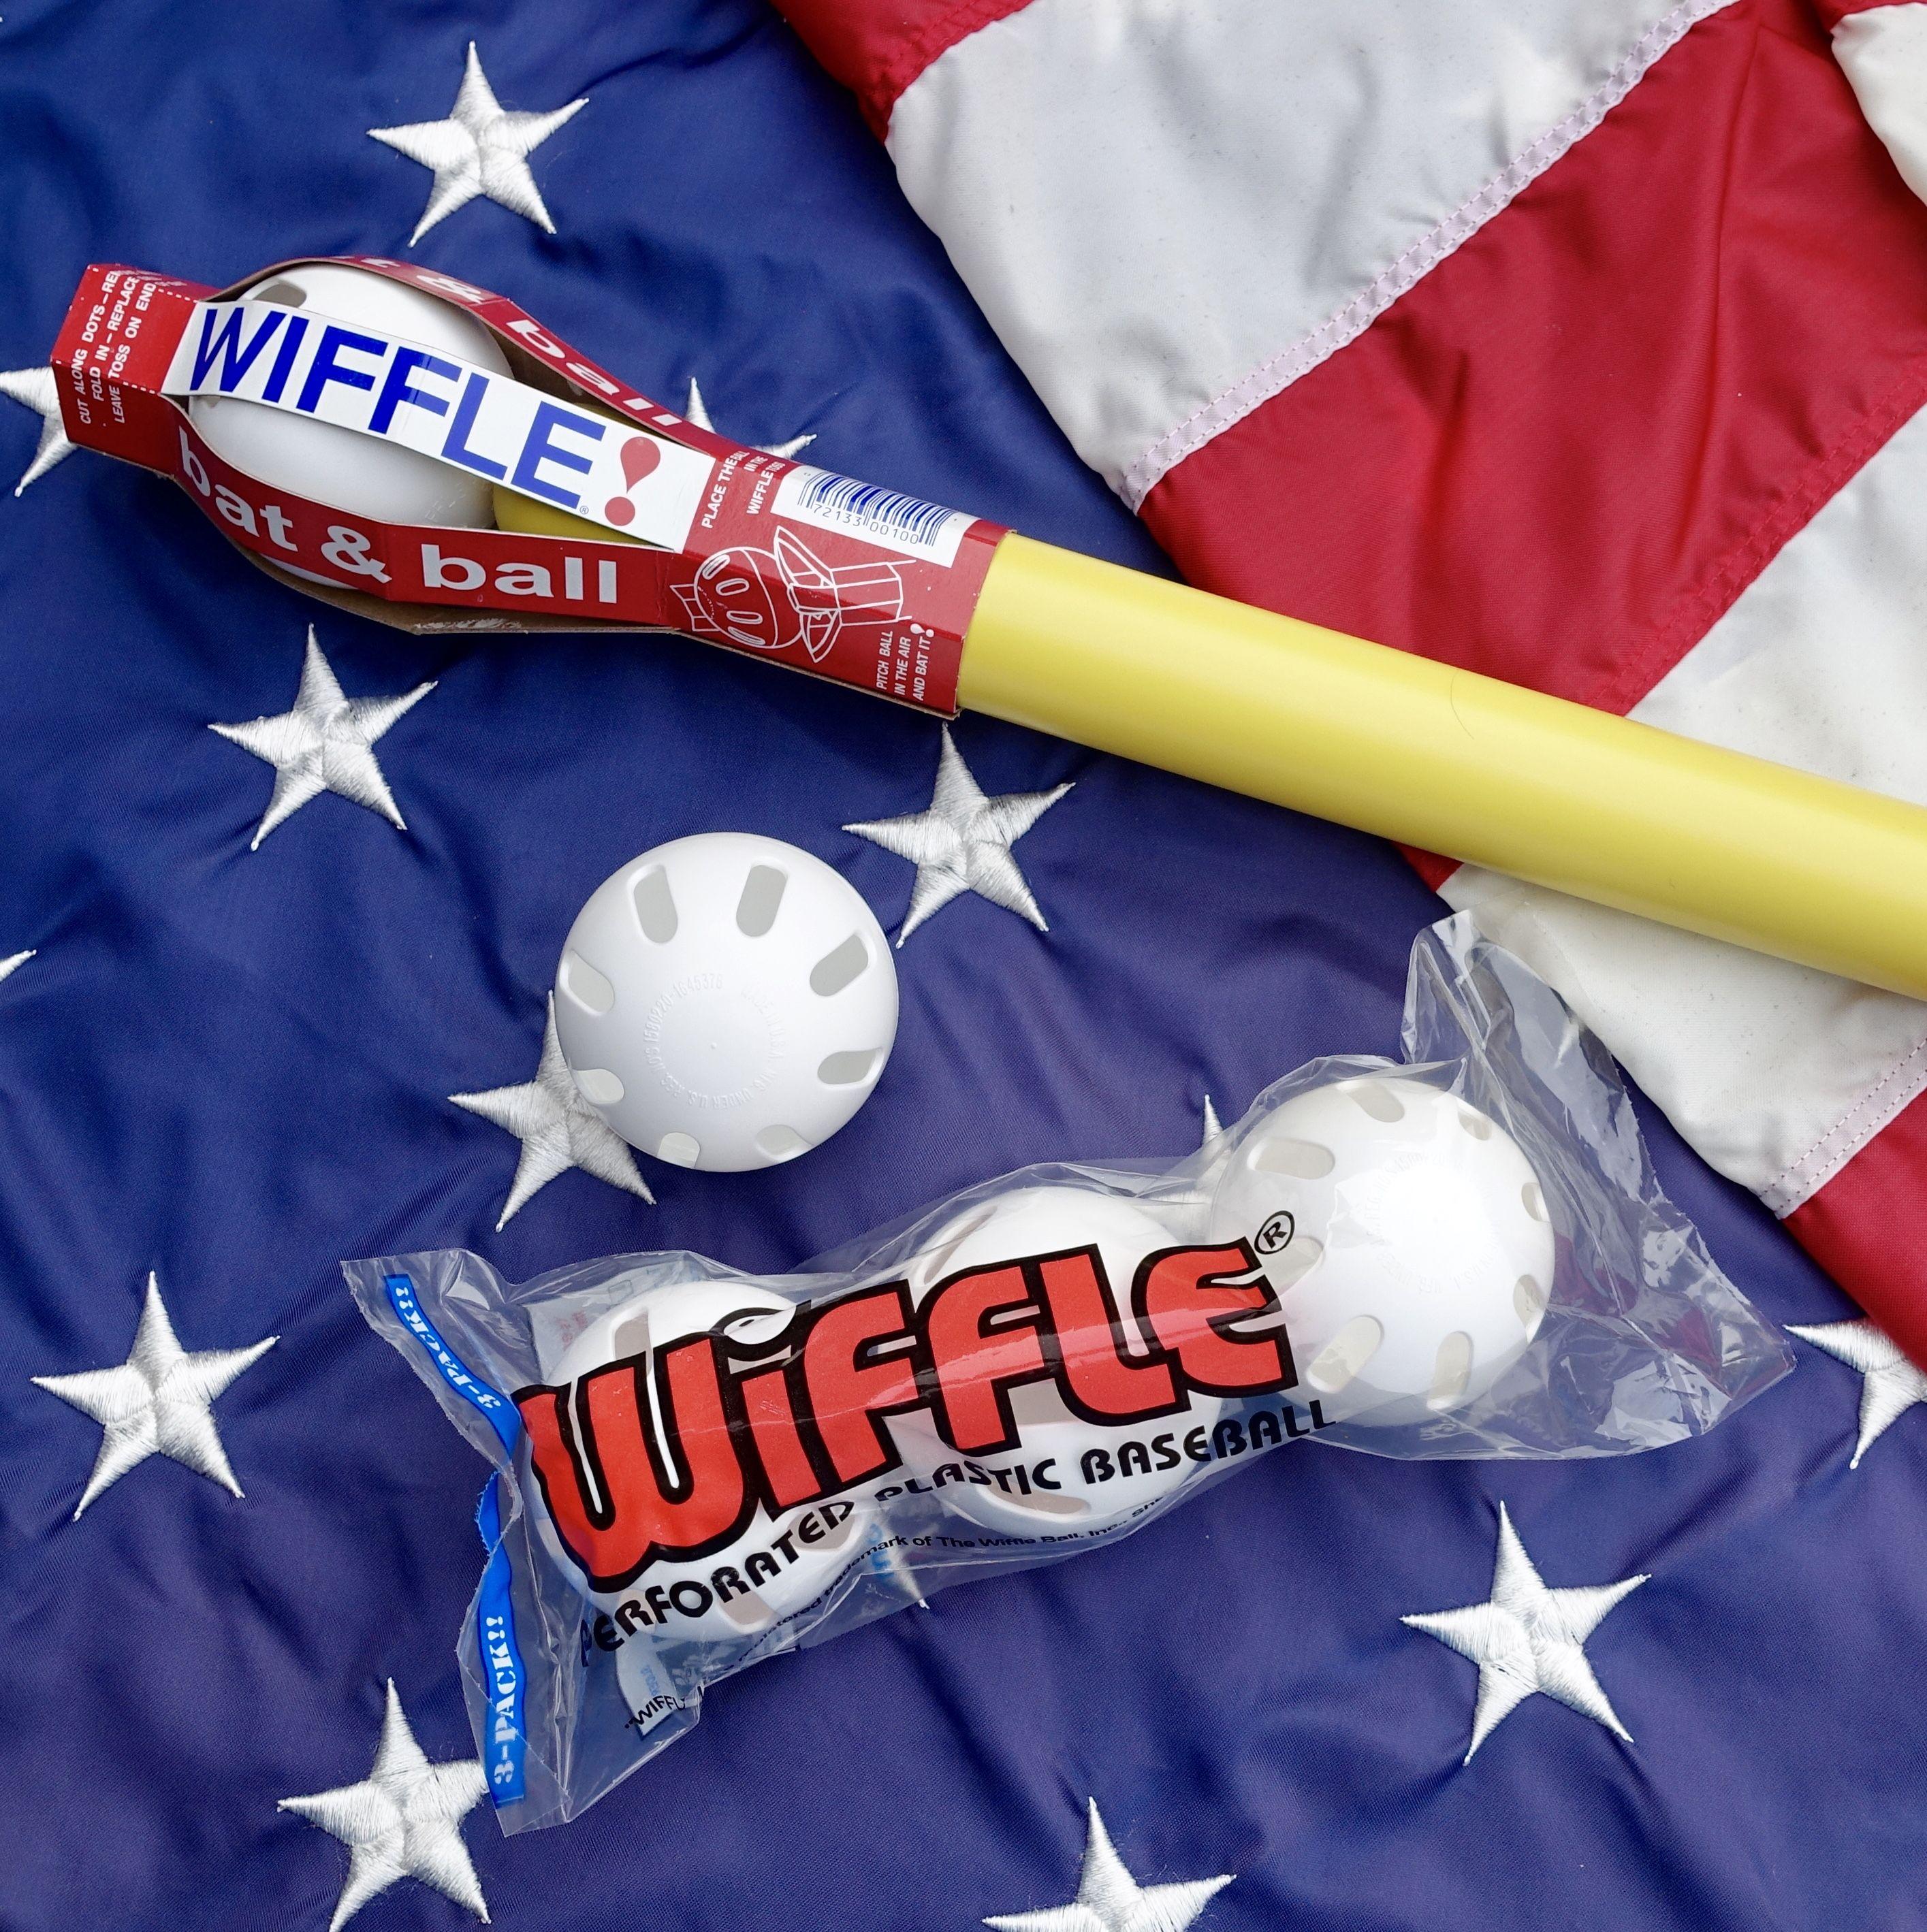 WIFFLE Ball Image By WIFFLE Ball